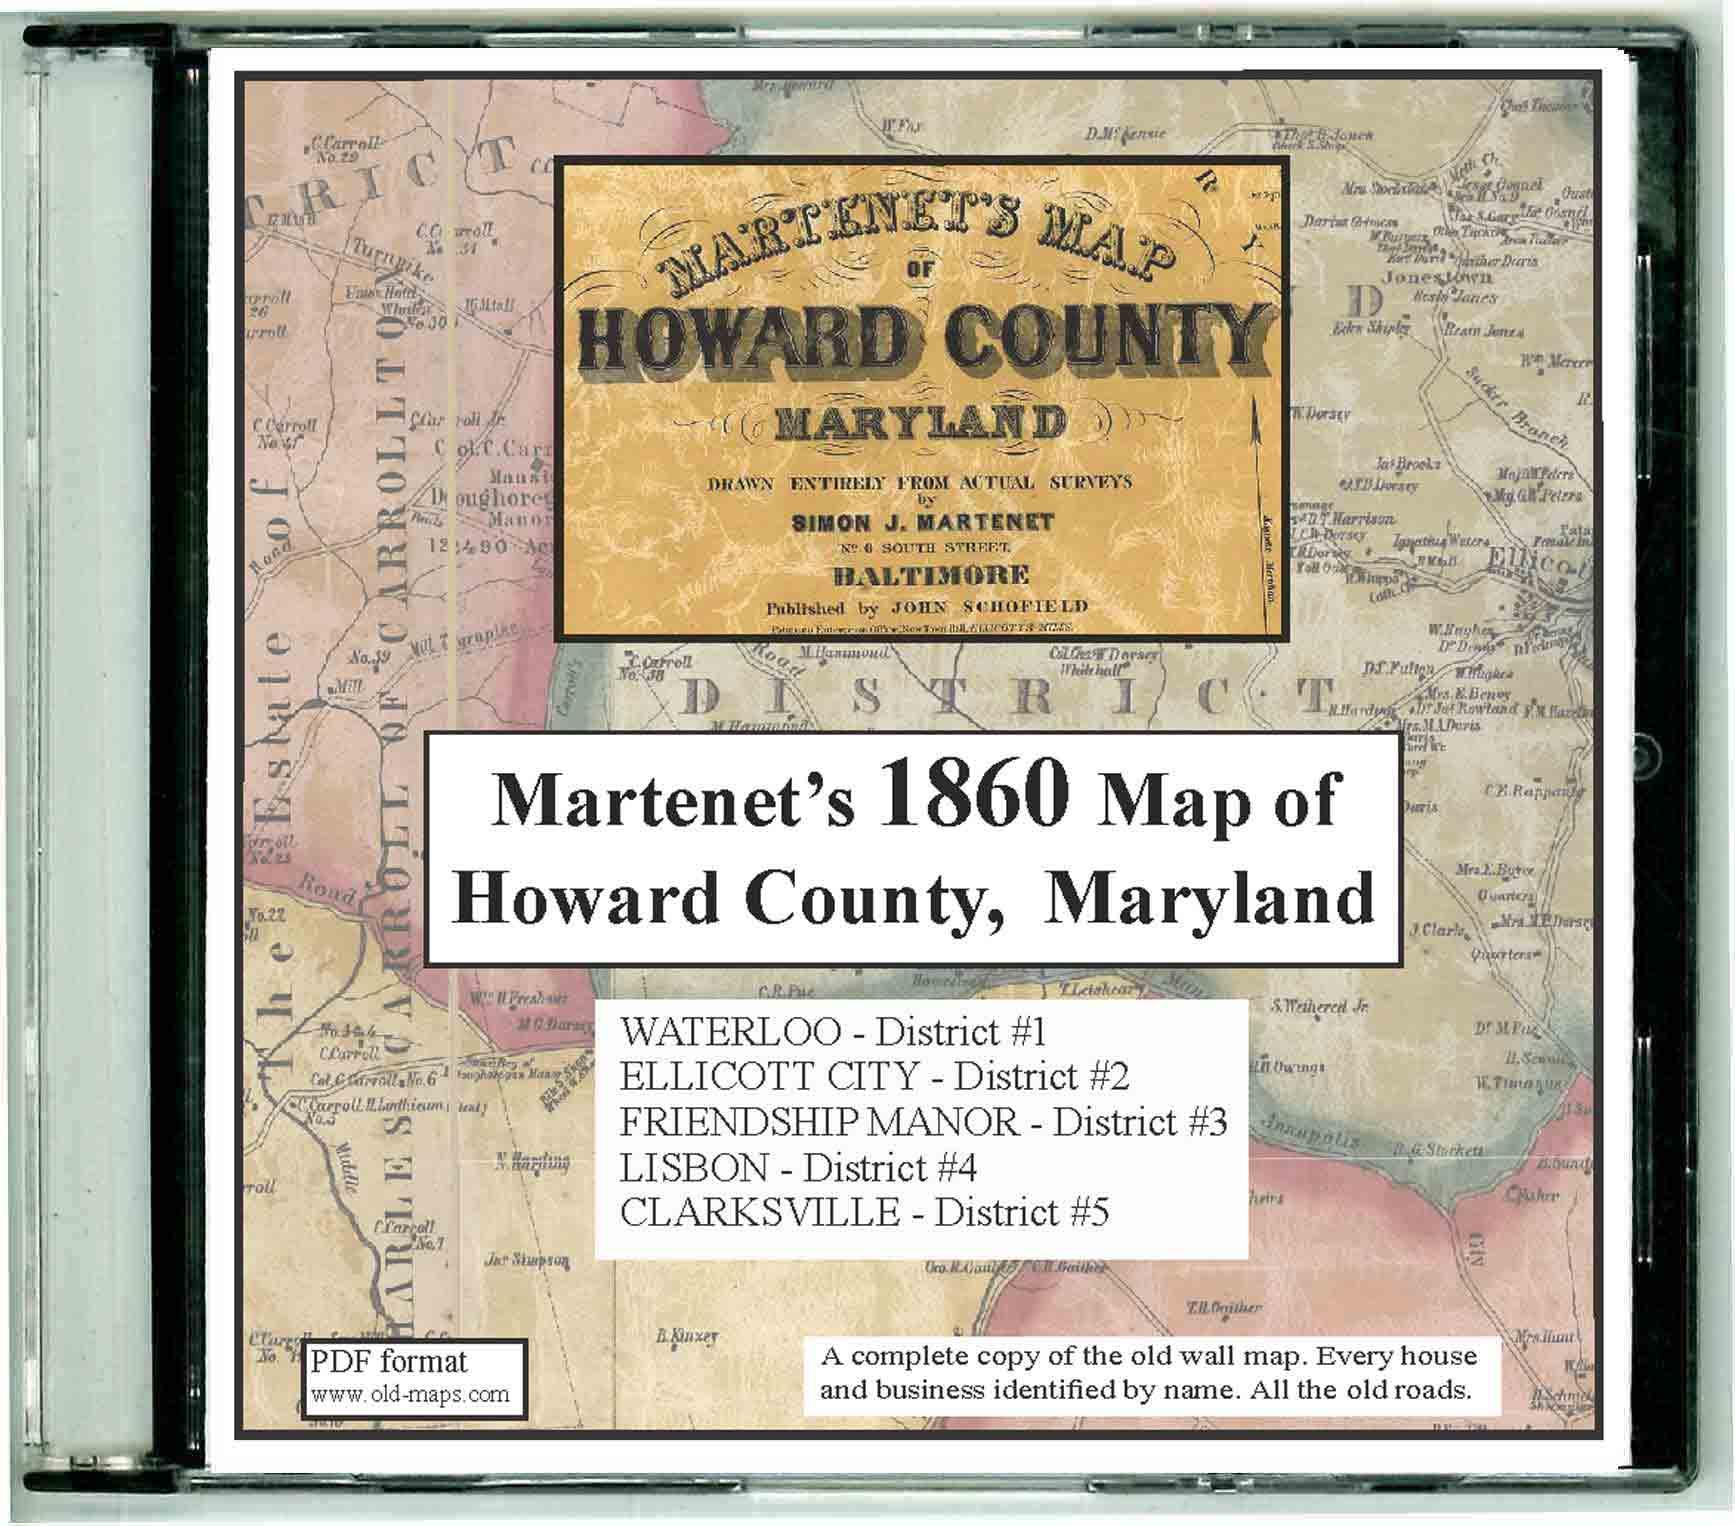 Howard County Maryland 1860